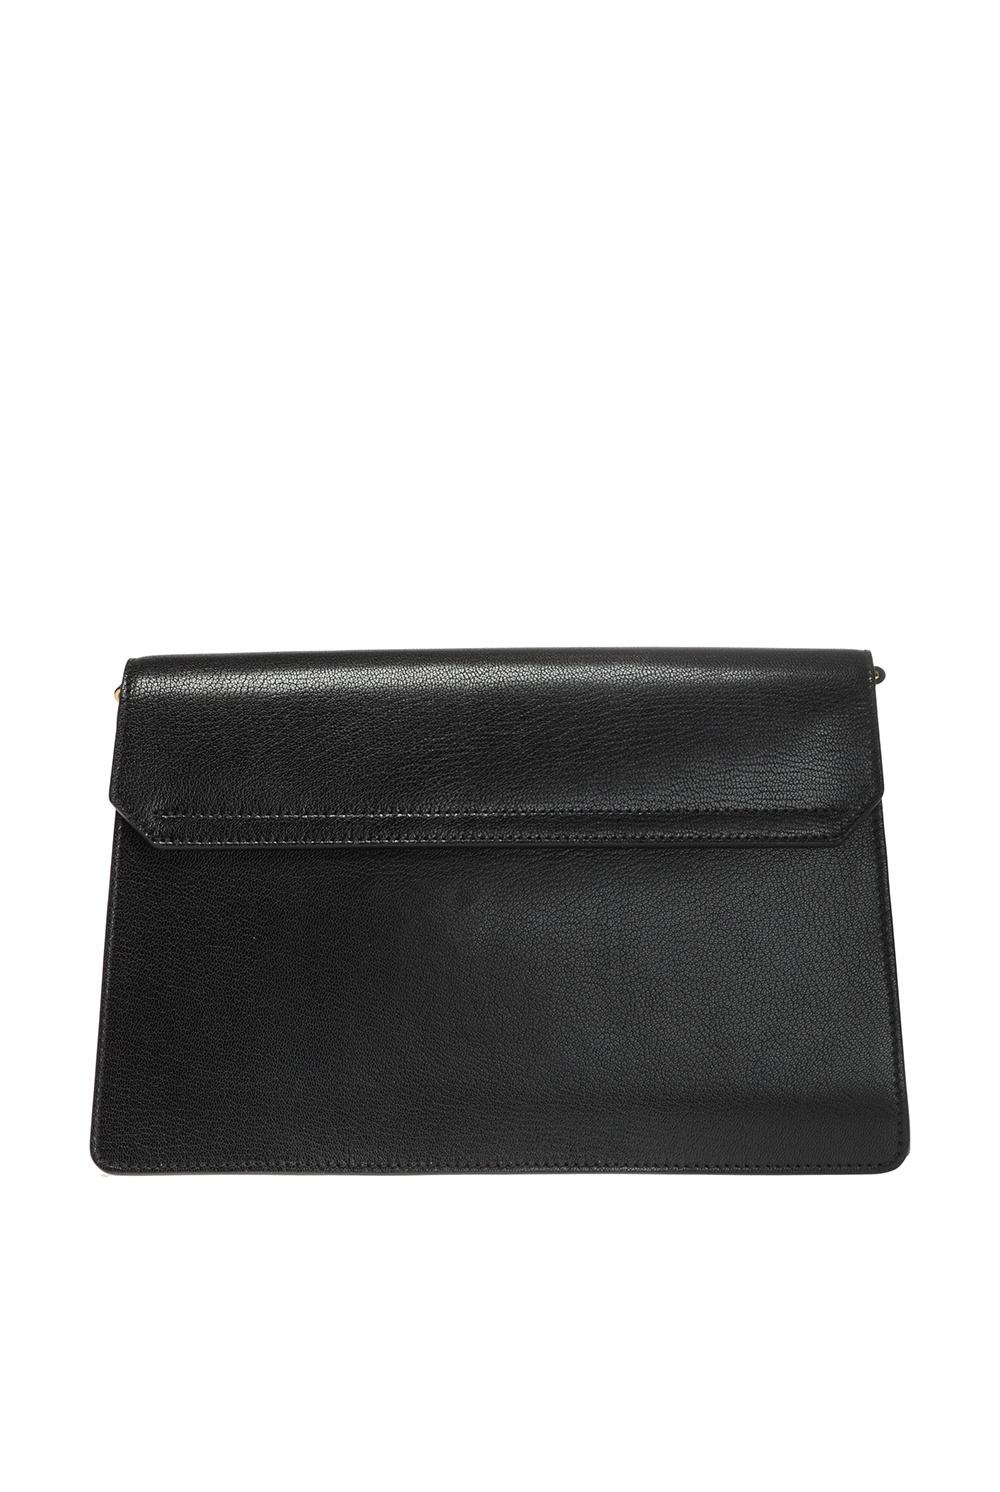 Givenchy 'GV3' shoulder bag